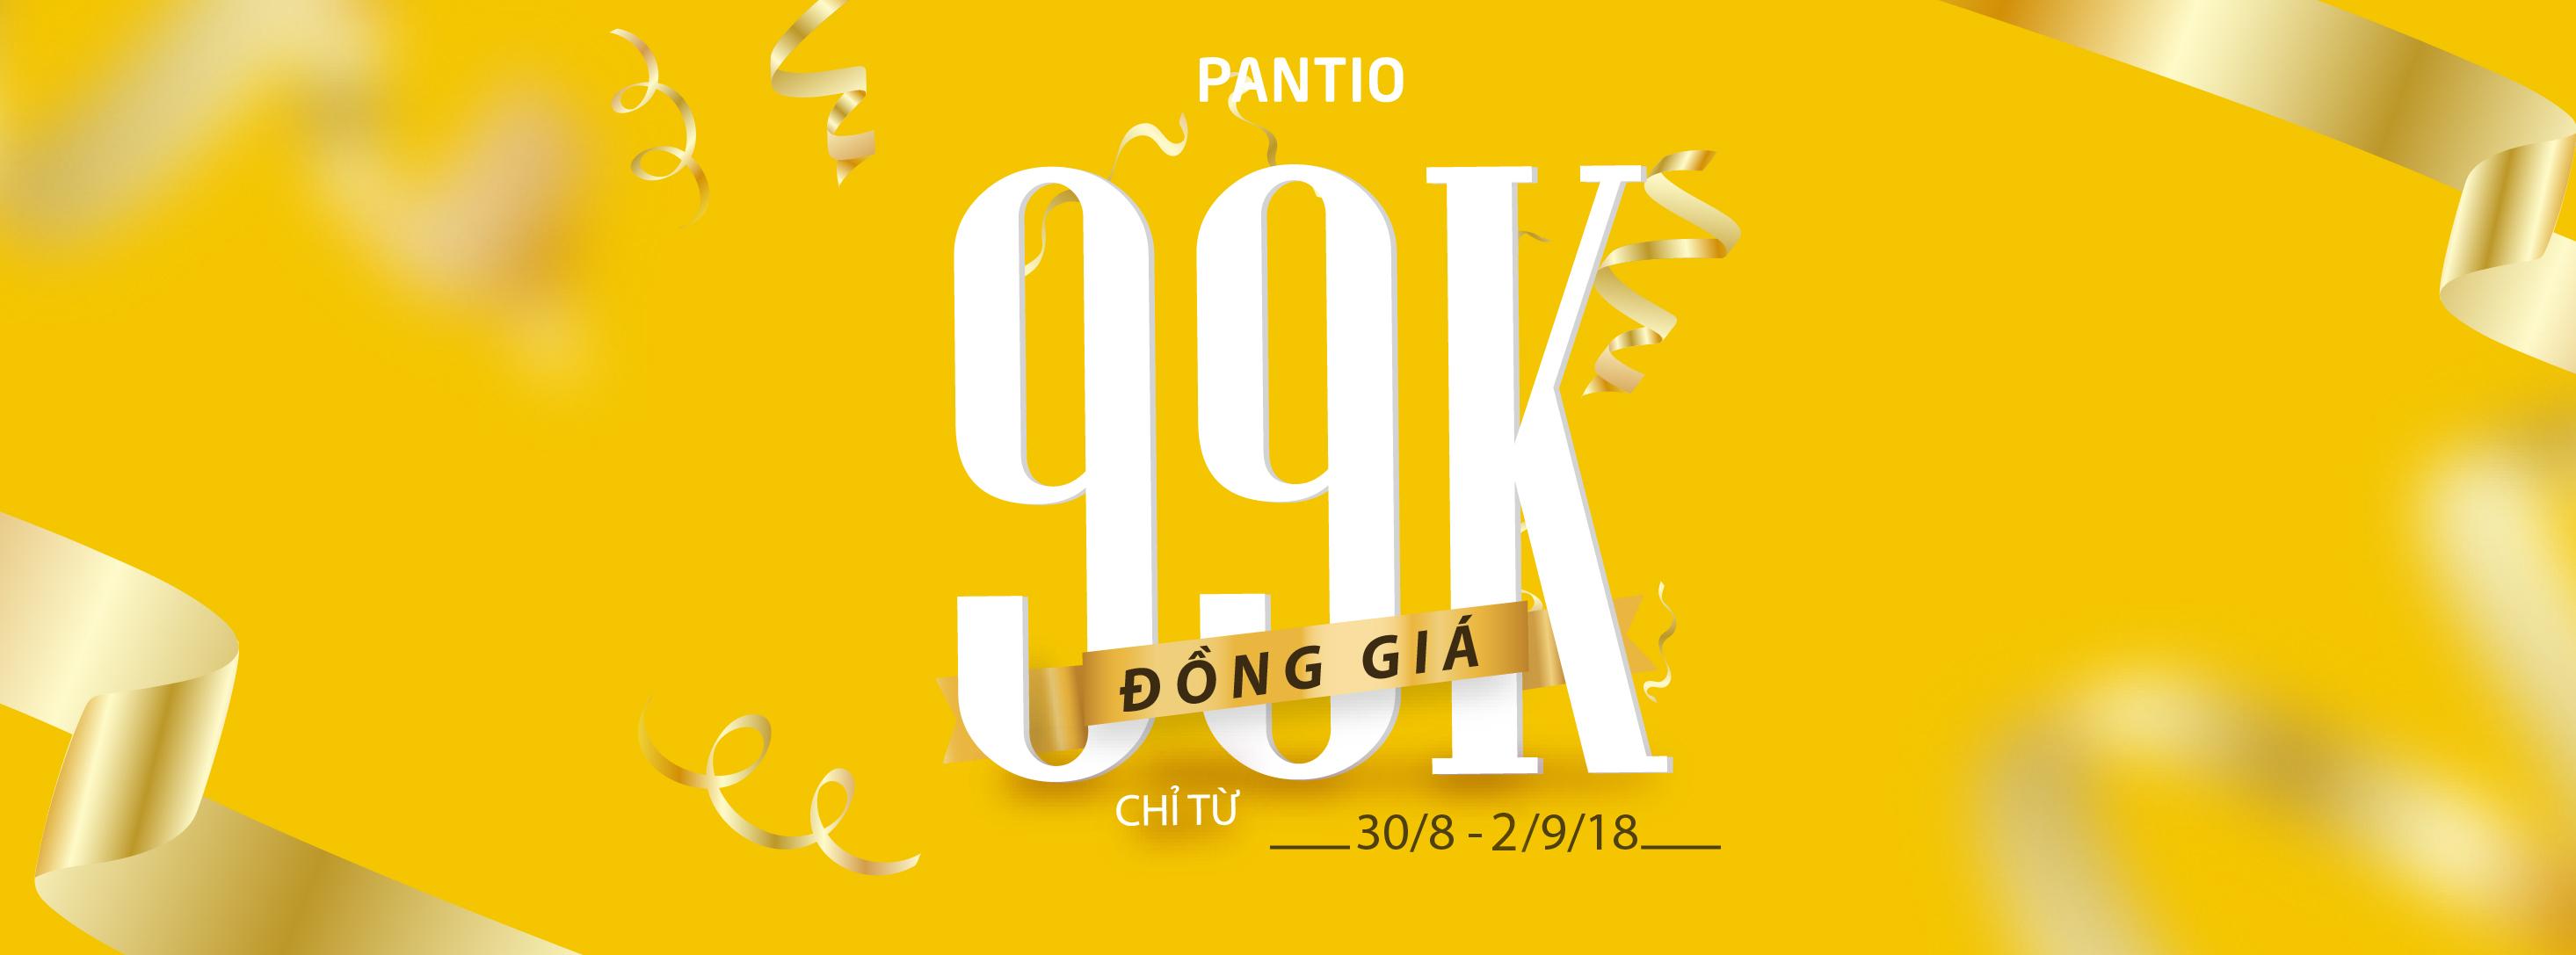 ĐỒNG GIÁ CHỈ TỪ 99k | Shopping Quốc Khánh càng thả ga!